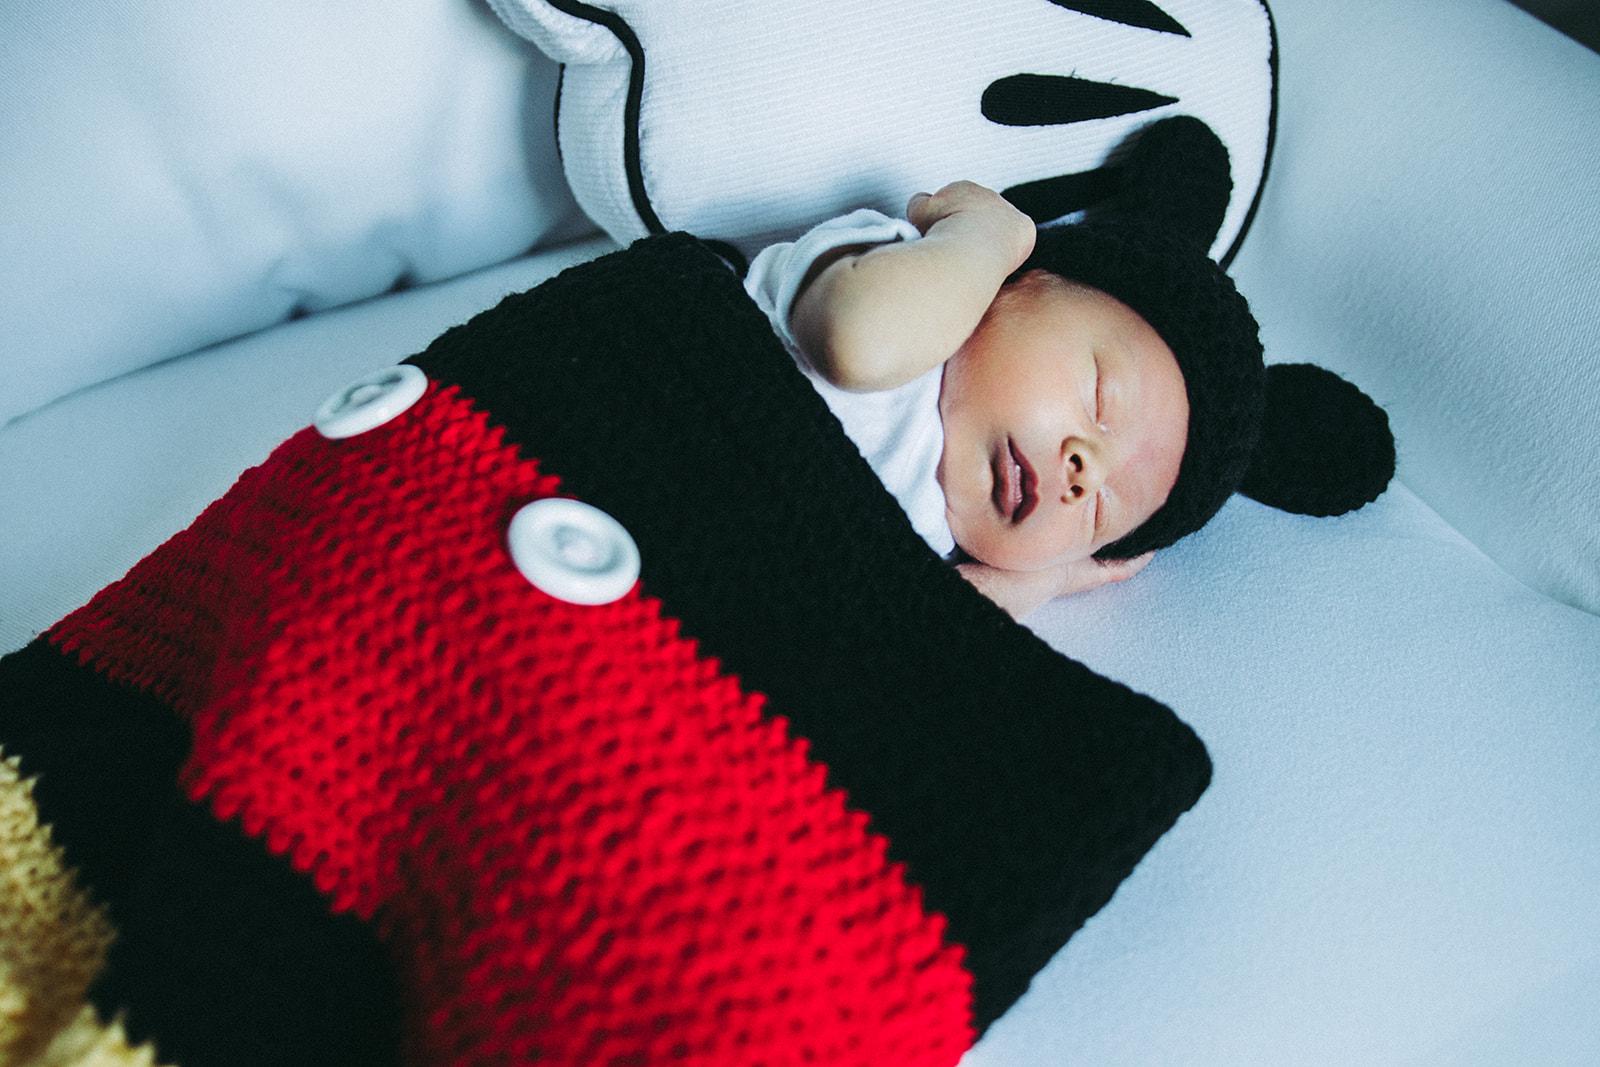 baby+vonier+newborn-8.jpg